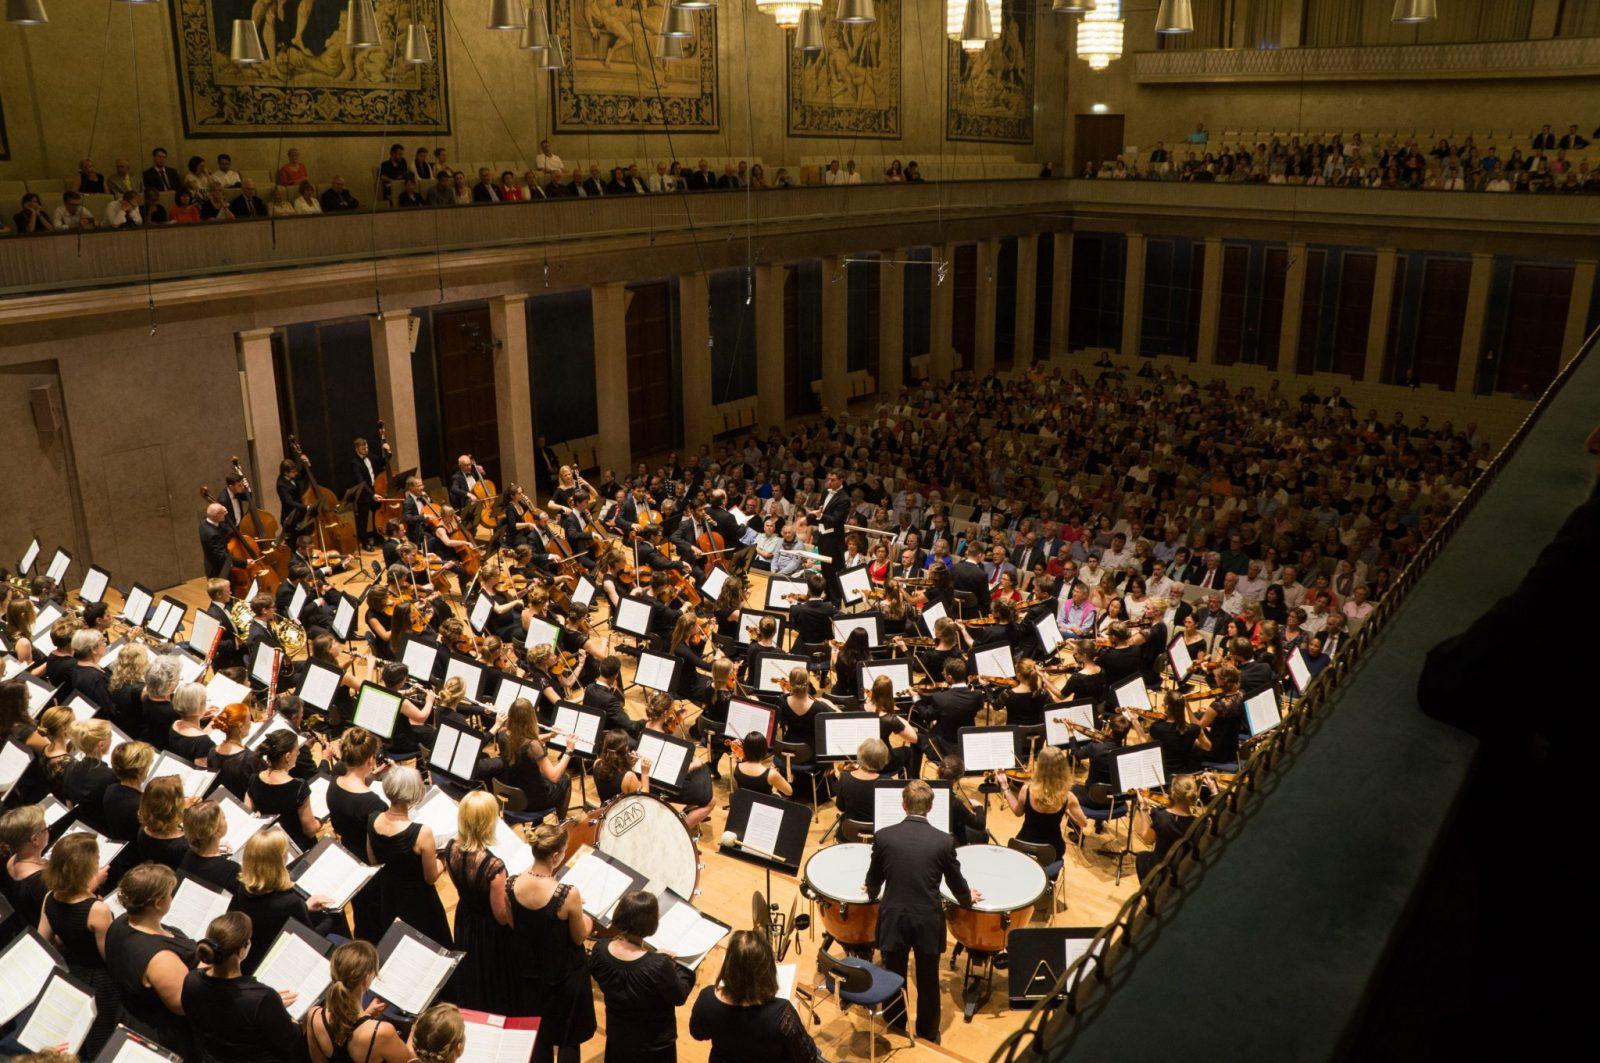 Ensemblearbeit im Münchner Herkulessaal